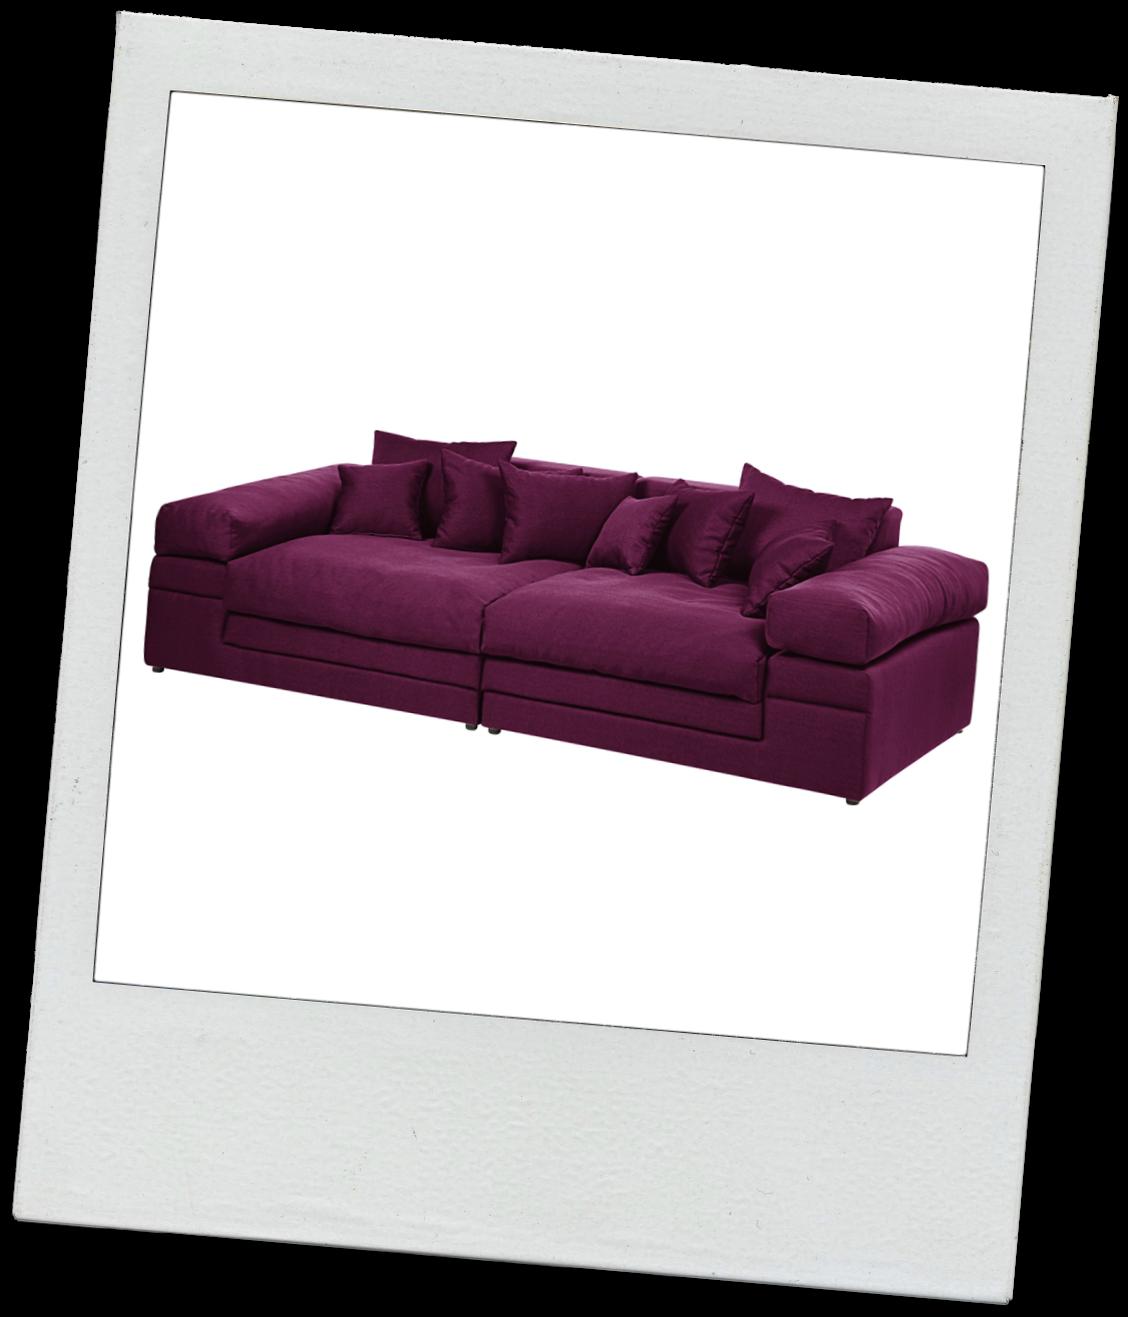 baby blog f r mama und papa ein uns entsteht unser wohnzimmer braucht ein neues sofa helft. Black Bedroom Furniture Sets. Home Design Ideas